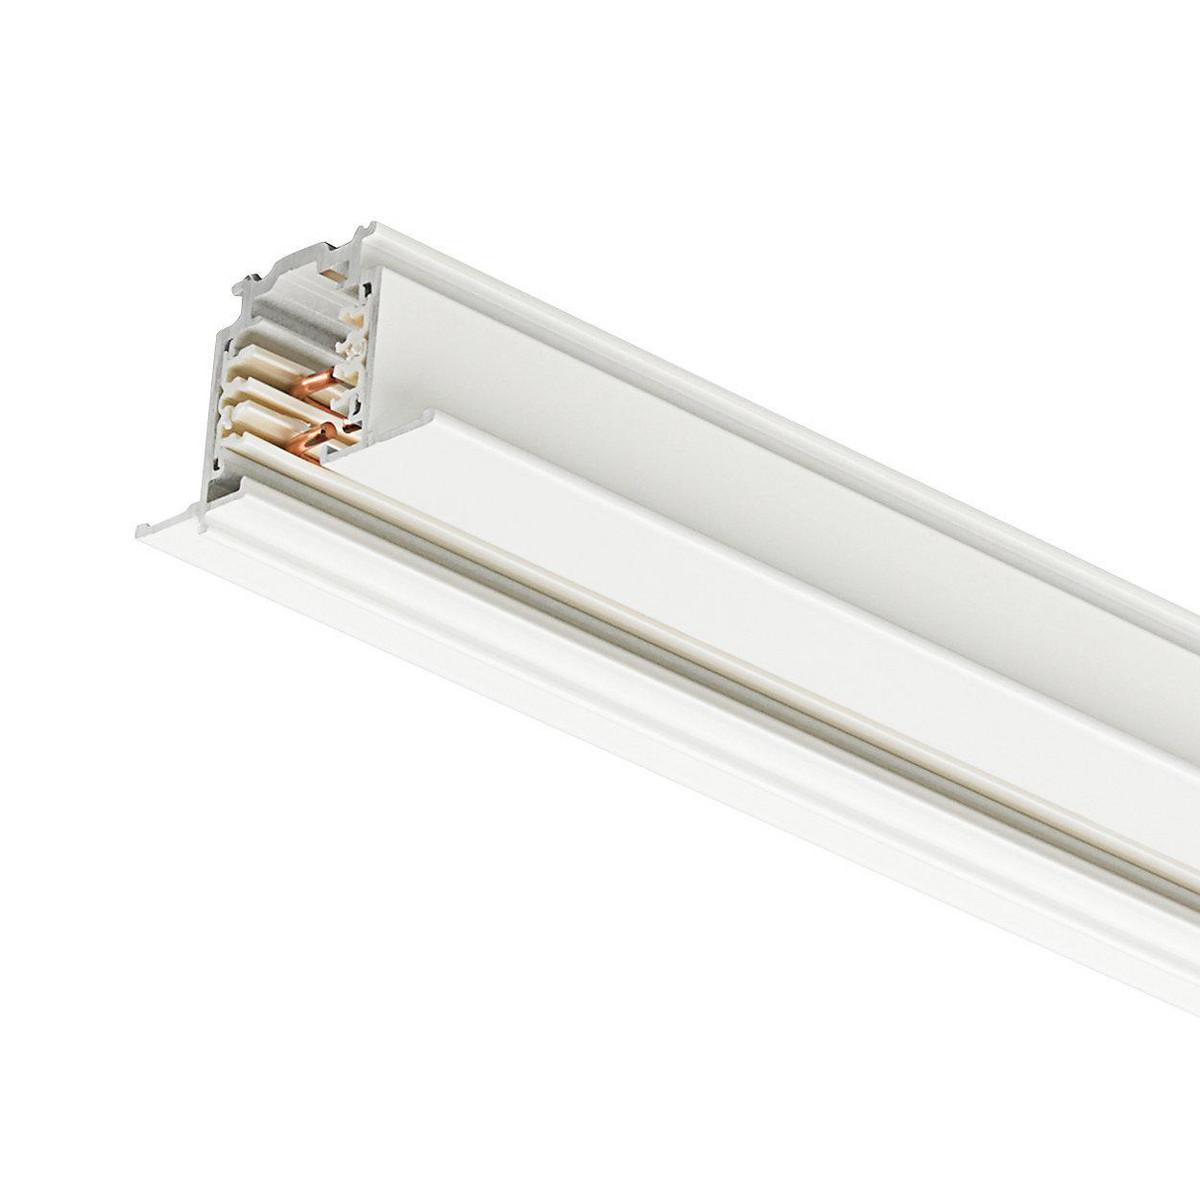 GLOBAL XTSCF6300-3 Strømskinne (Indbyg) DALI 3M Hvid